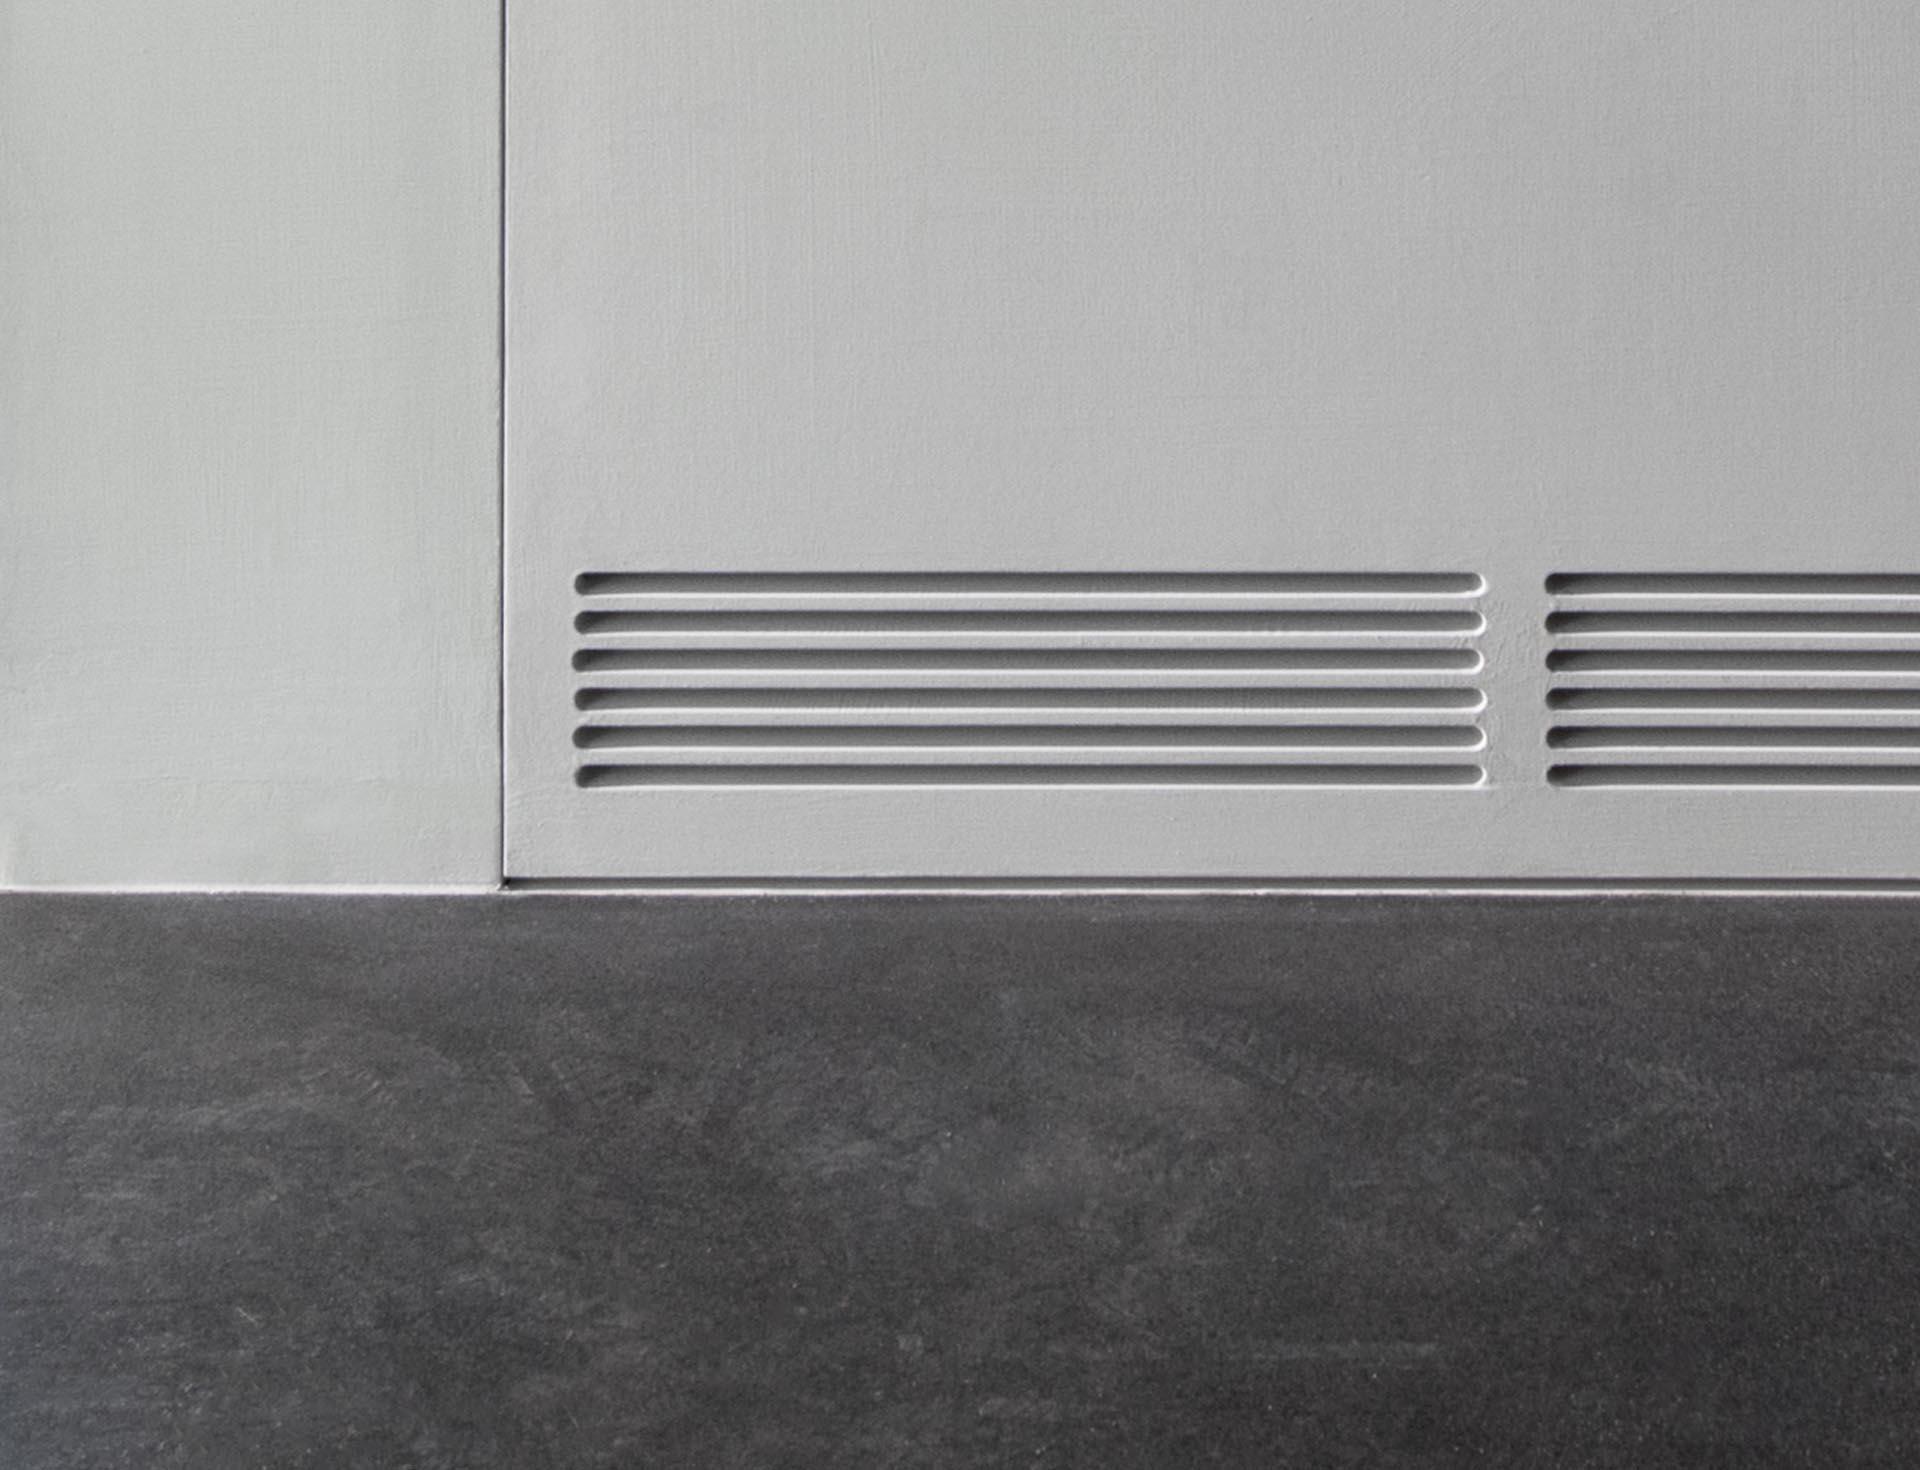 Montaggio Porta Filo Muro Cartongesso sportello-filo-muro-griglia-areazione-asole-sfalzate - evoline3